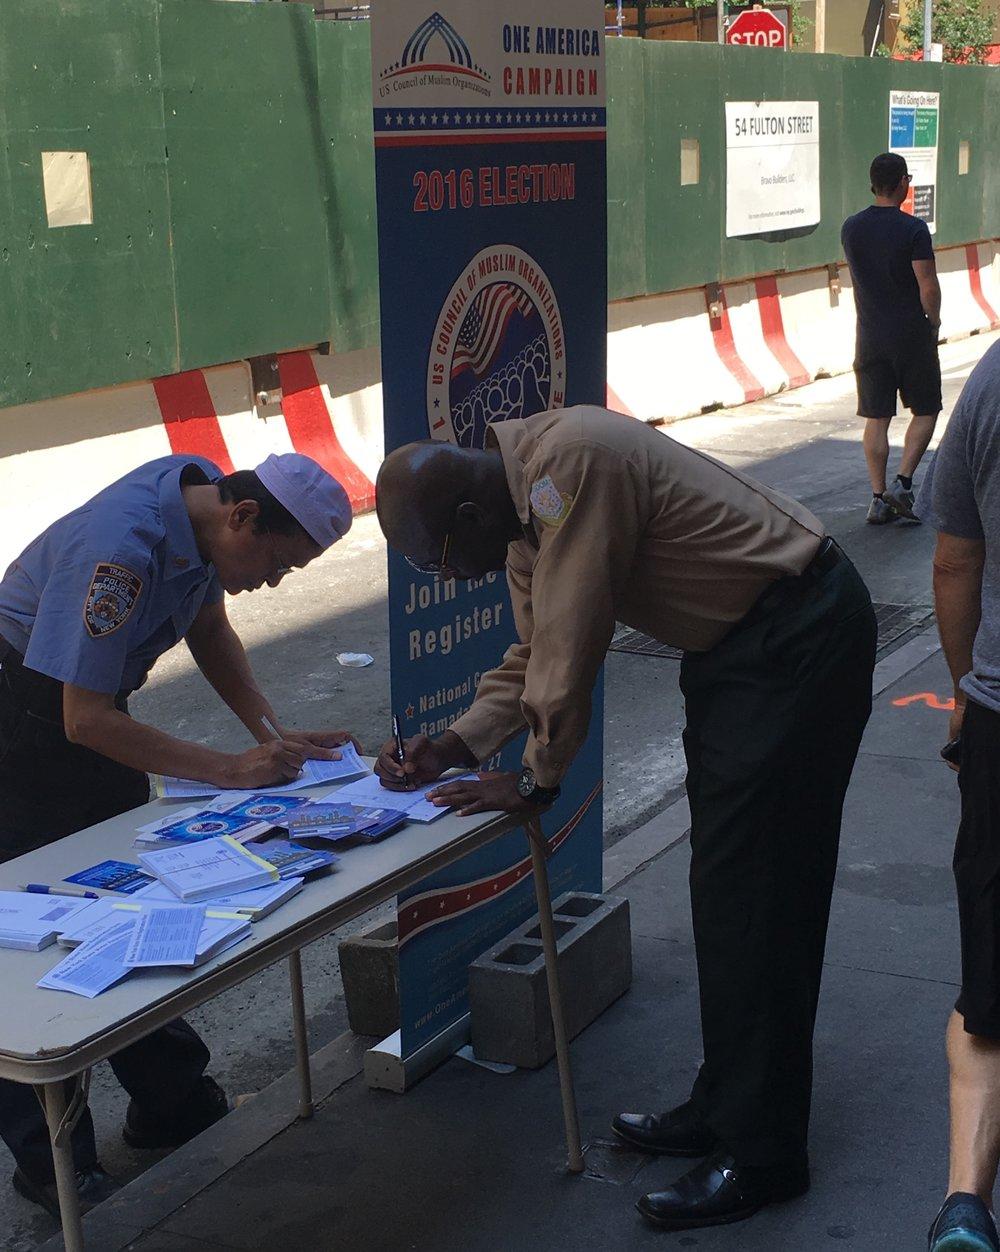 NY-VoterRegistration.jpg